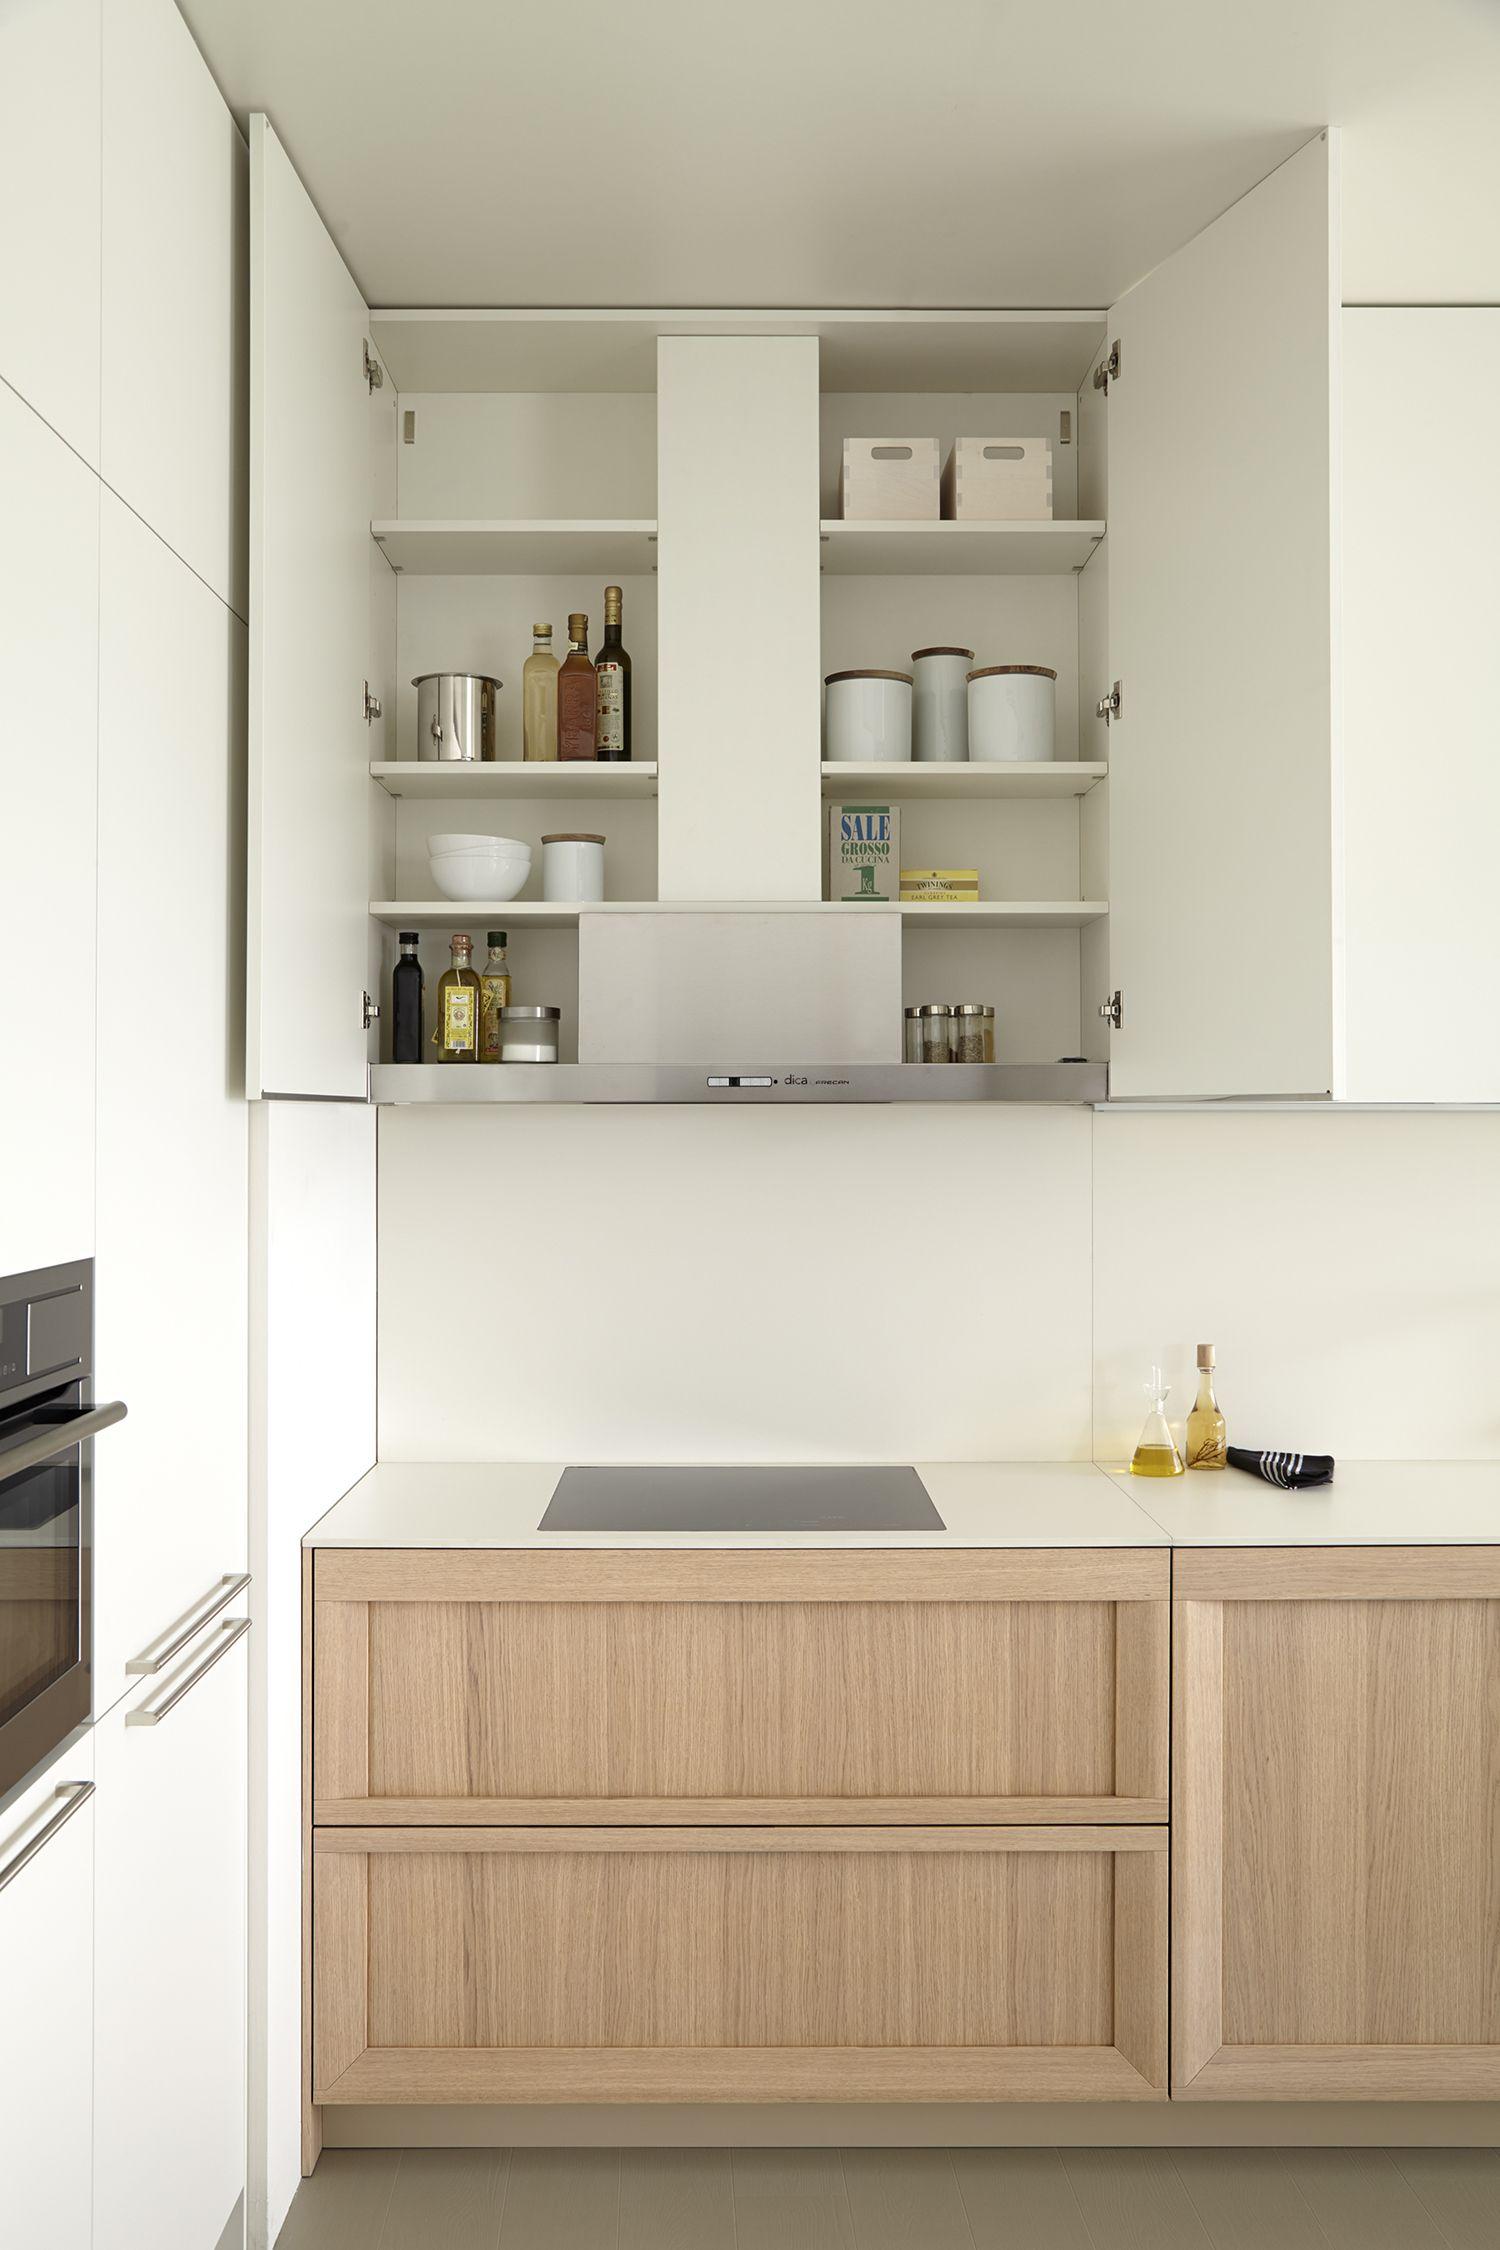 dica   SoHo   Una cocina contemporánea con interiores bien equipados ...